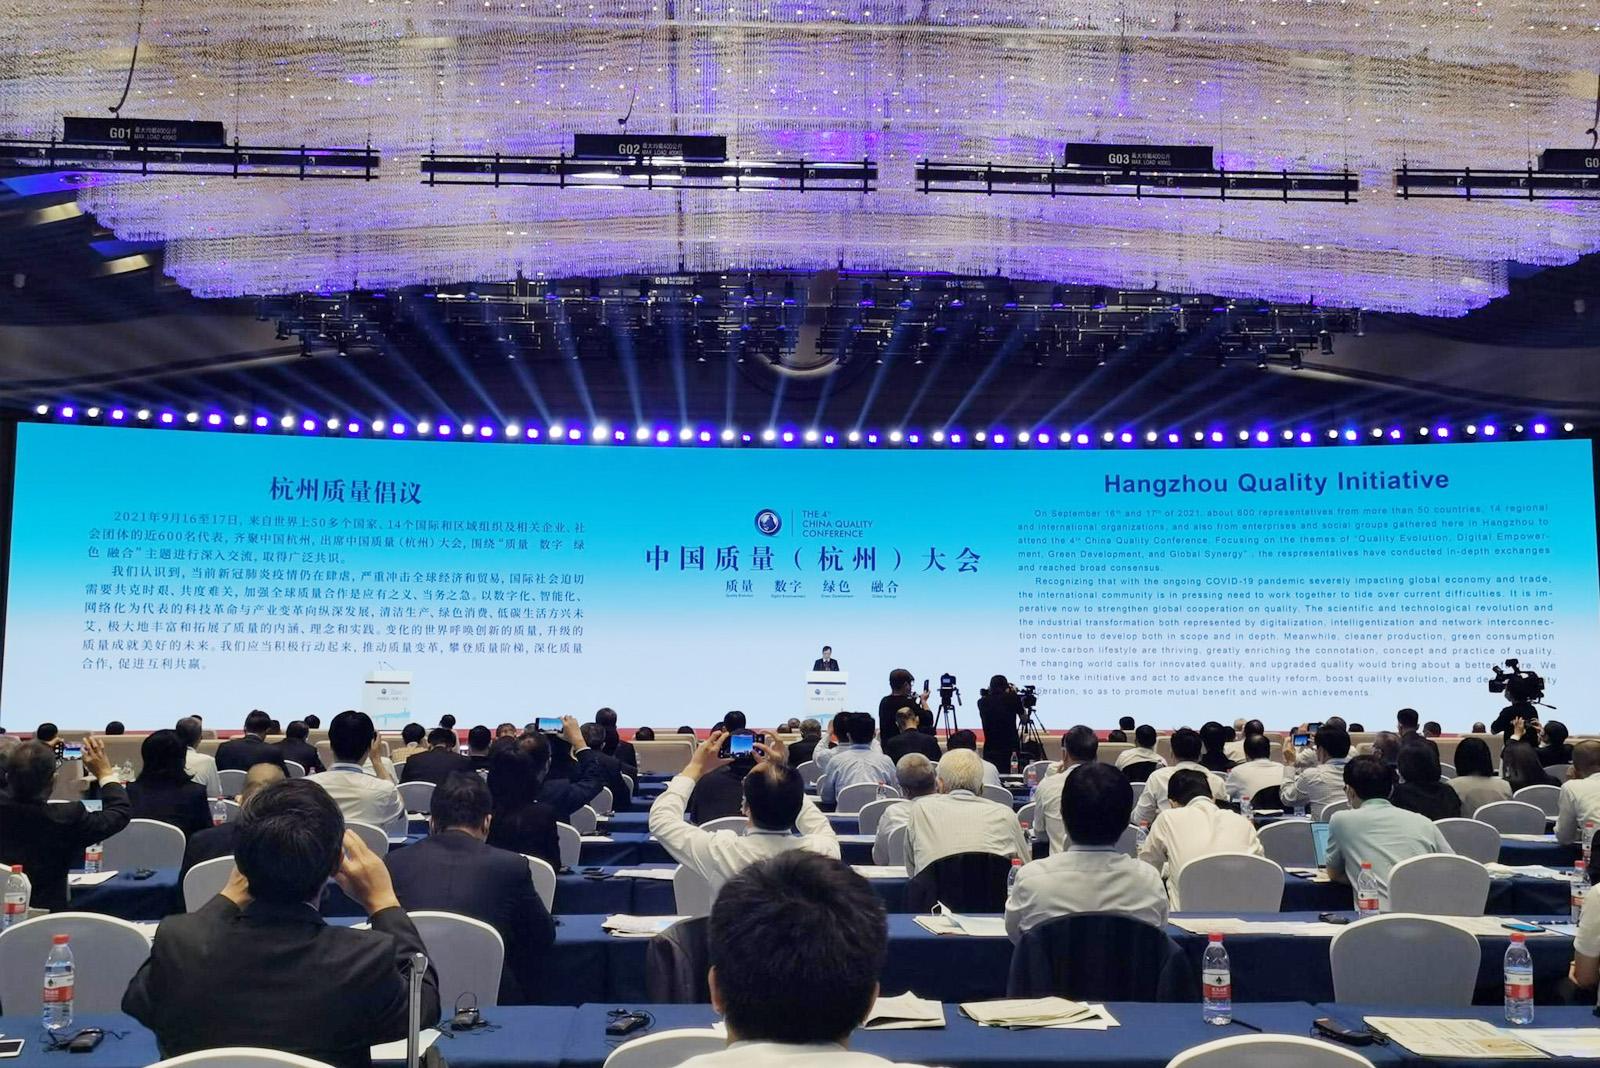 《杭州质量倡议》发布